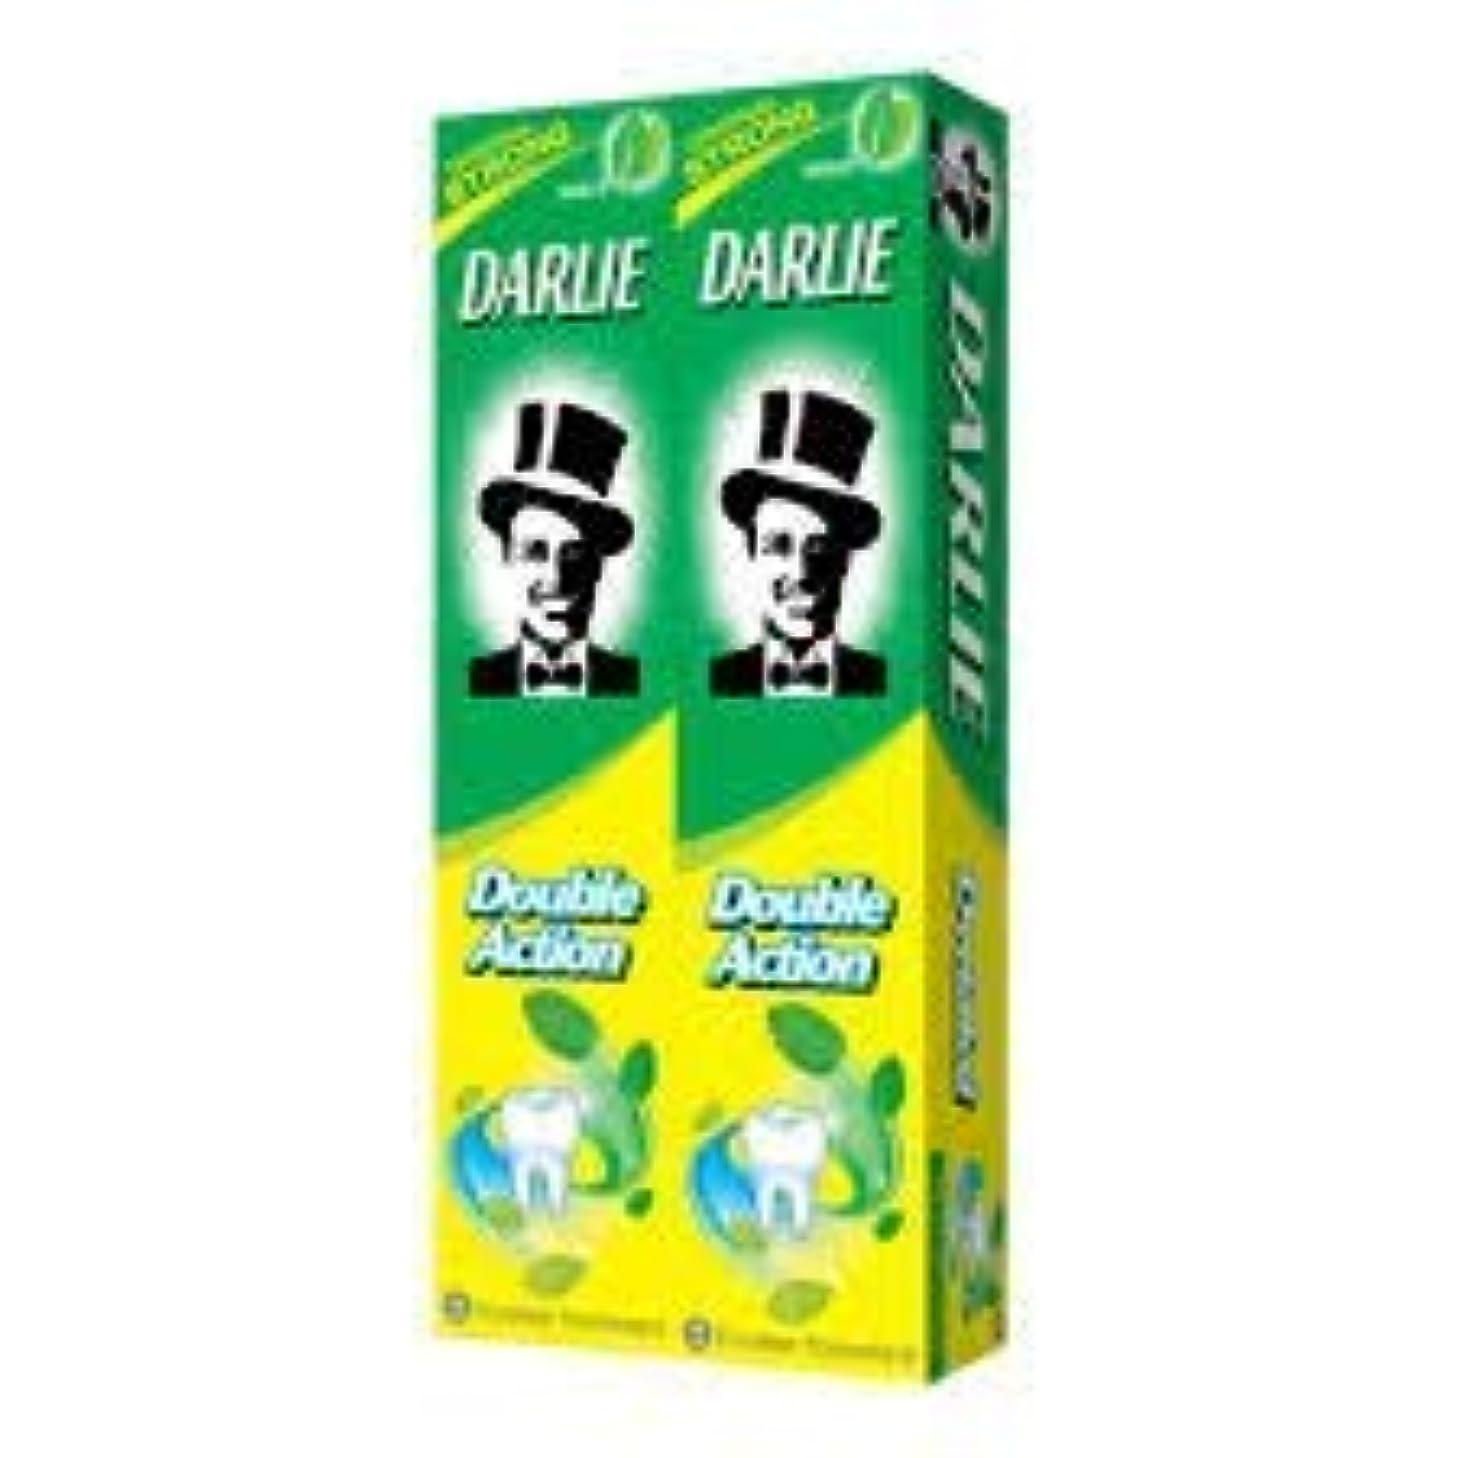 コーチ捧げる瞑想的DARLIE 歯磨き粉2×225gの複動GWPは、より永続的な新鮮な息12時間-gives - 口腔細菌を減少させるのに有効